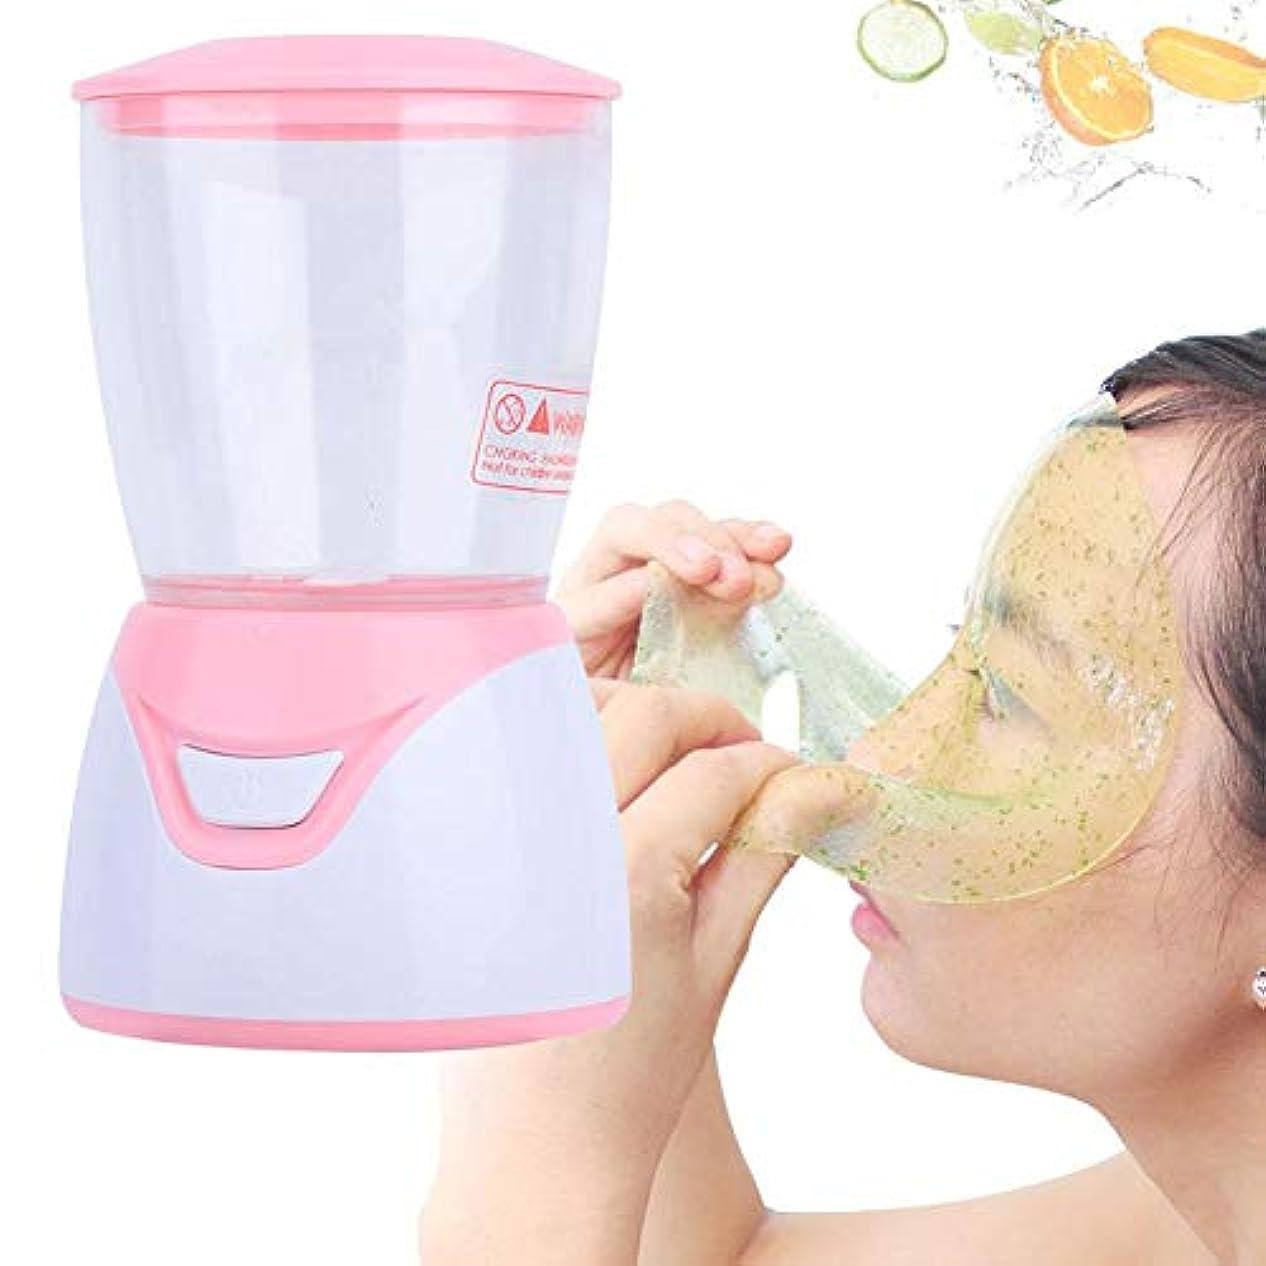 五月計画スカリーミニフェイスマスク機、フェイシャルマスクメーカー機diy天然フルーツ野菜マスクスパスキンケアデバイス